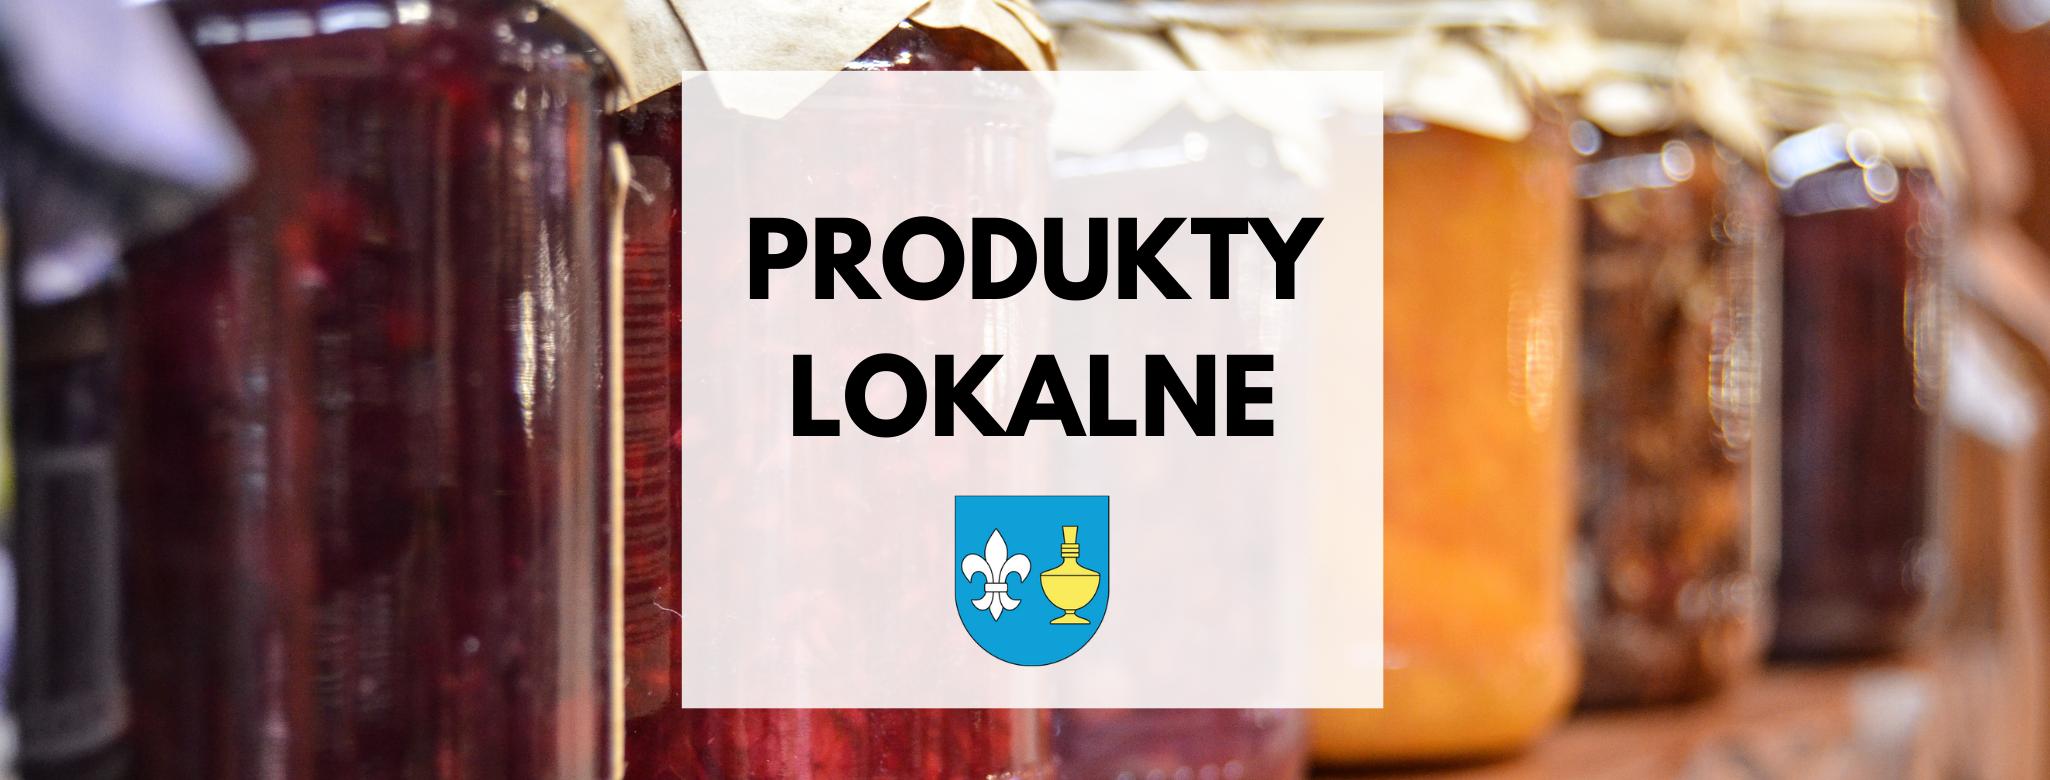 nagłówek graficzny o treści: produkty lokalne, grafika: herb gminy Koczała, w tle: słoiki z przetworami